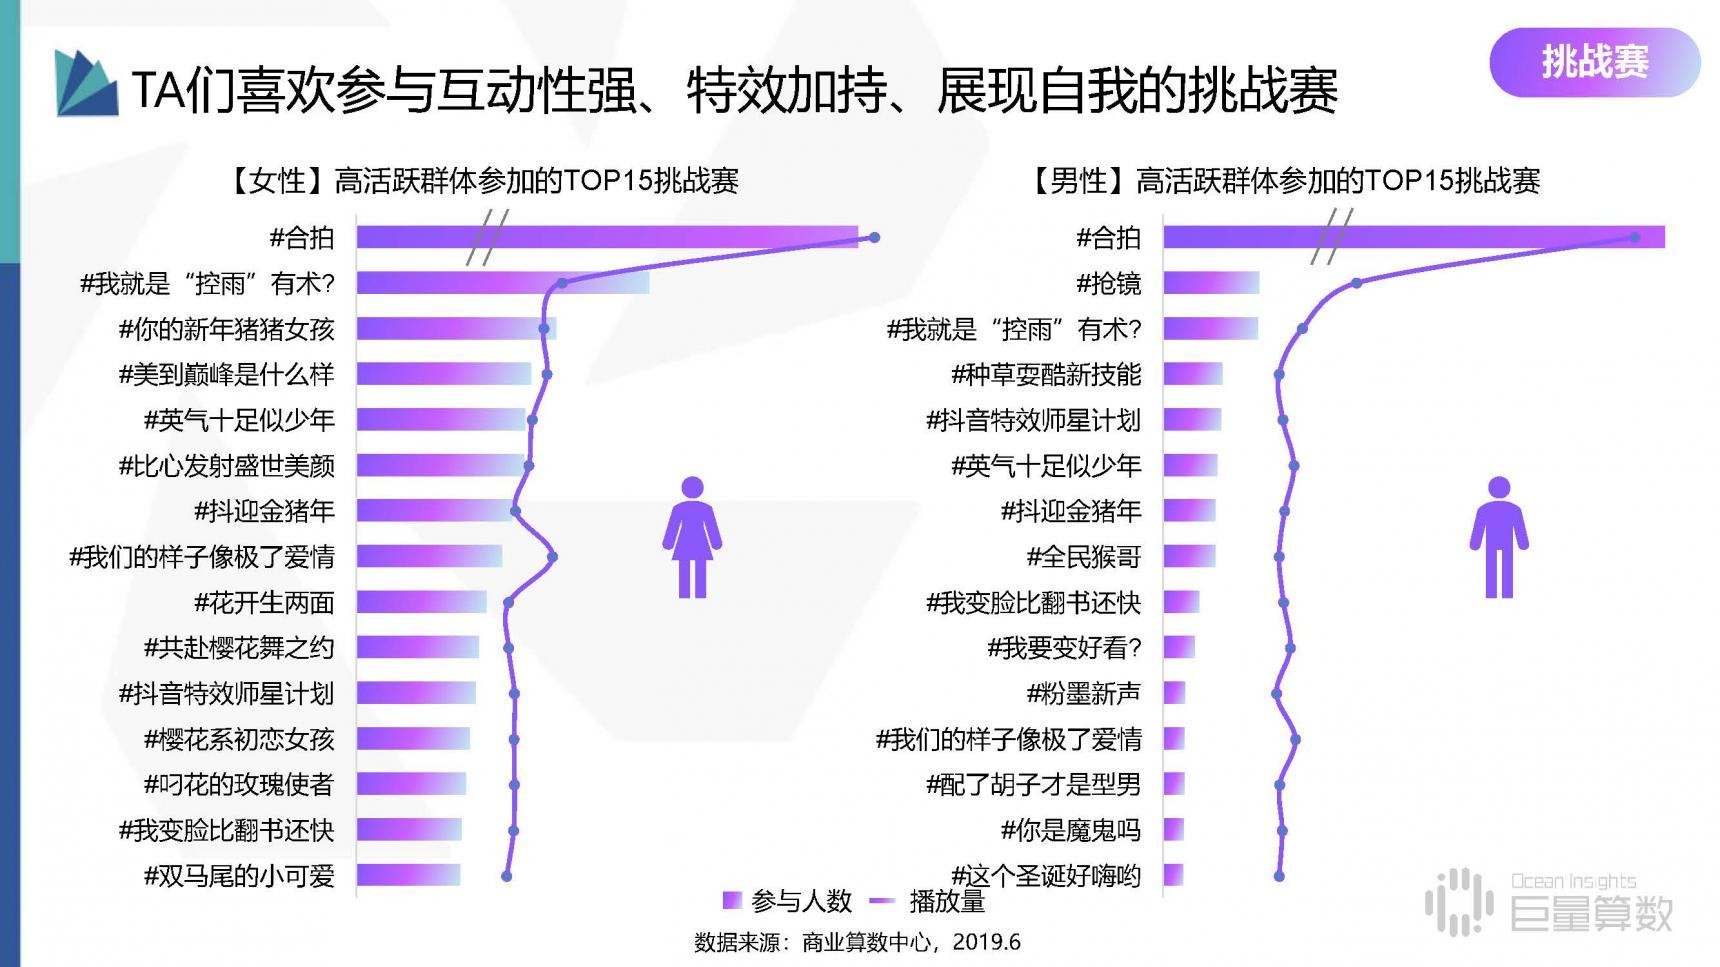 2019年抖音高活跃群体研究报告